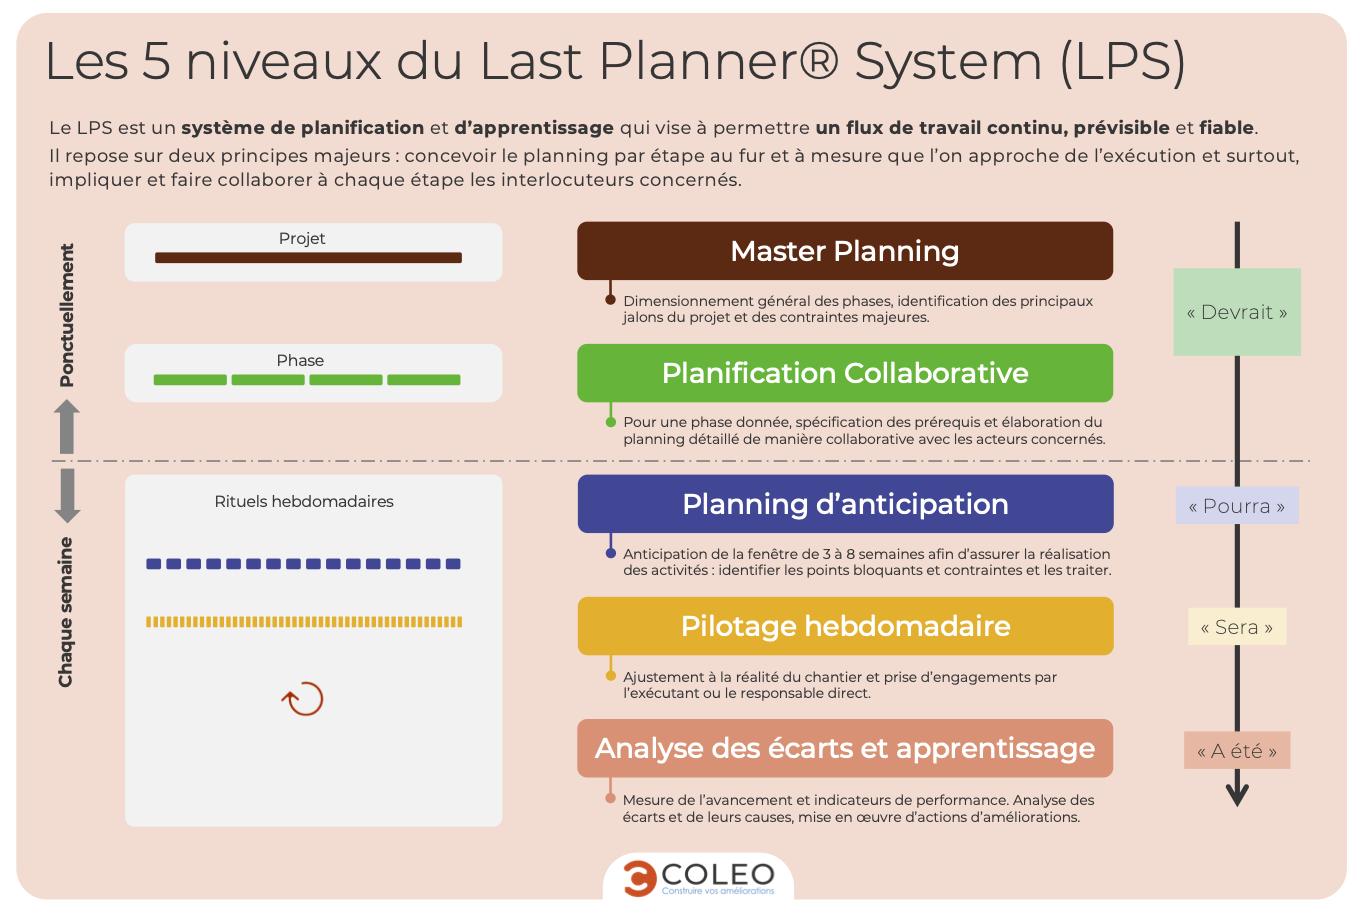 Synthèses des différentes étapes du Last Planner System